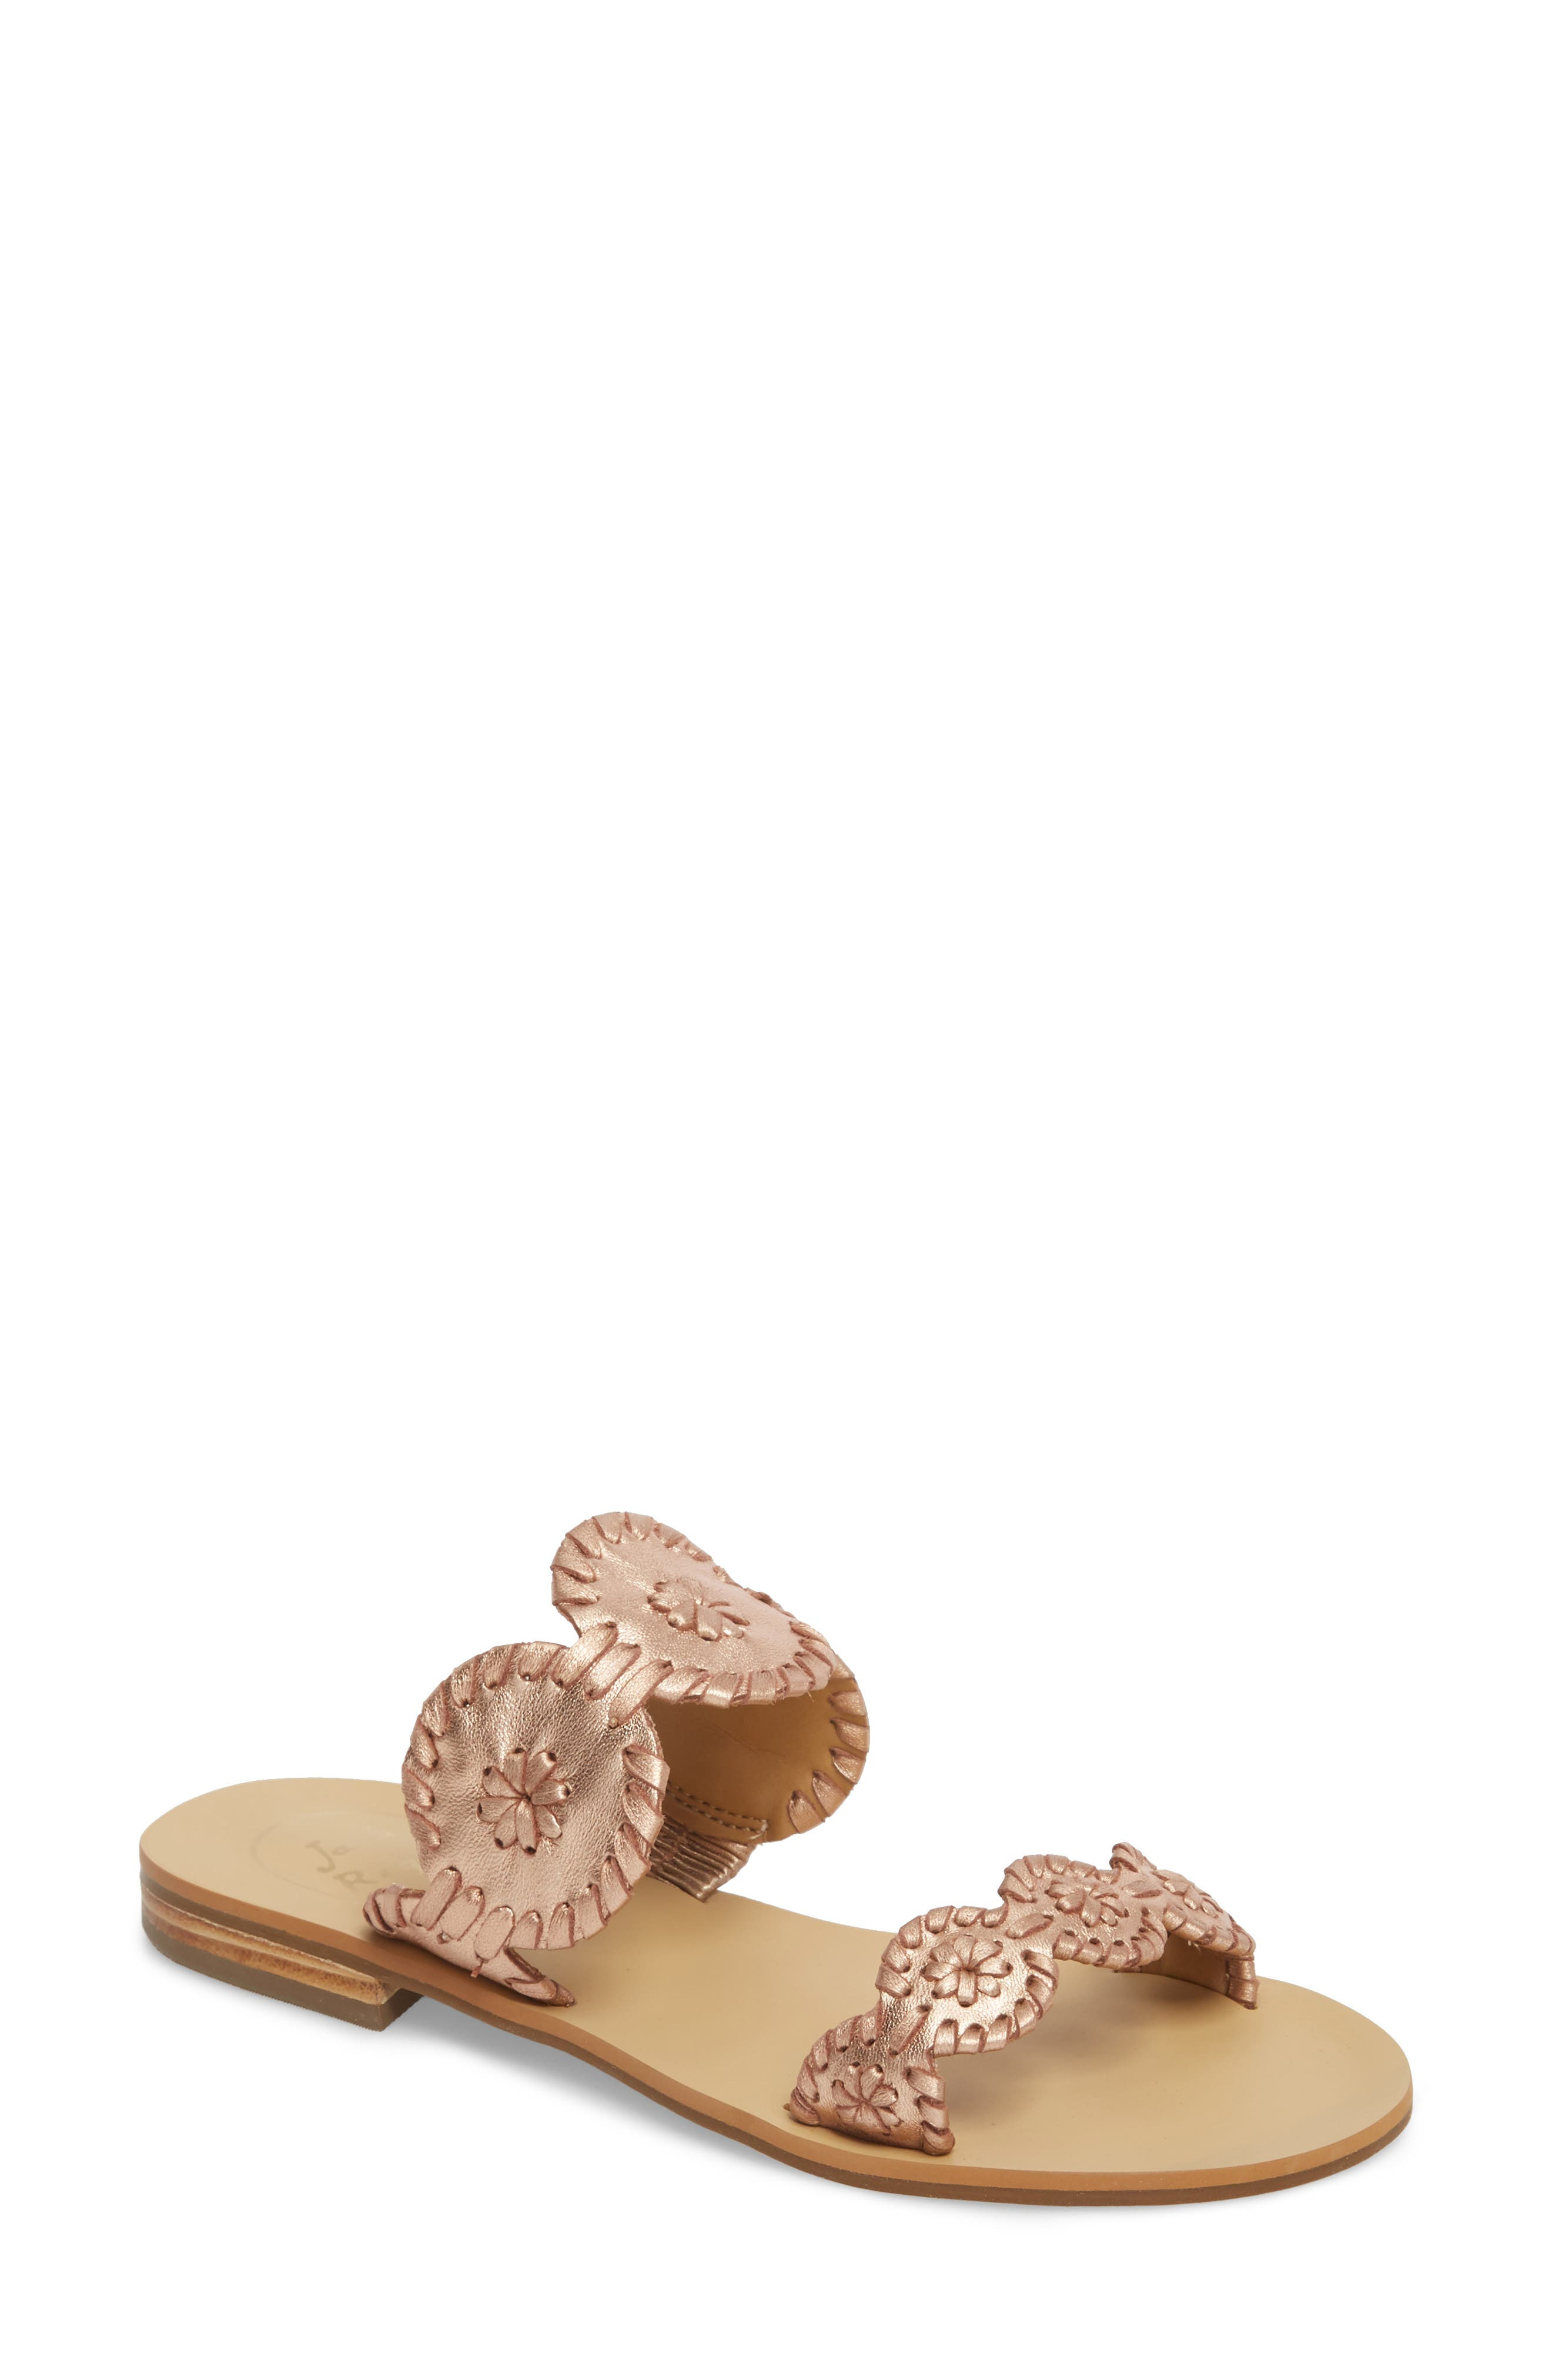 'Lauren' Sandal,                             Main thumbnail 1, color,                             Rose Gold Leather